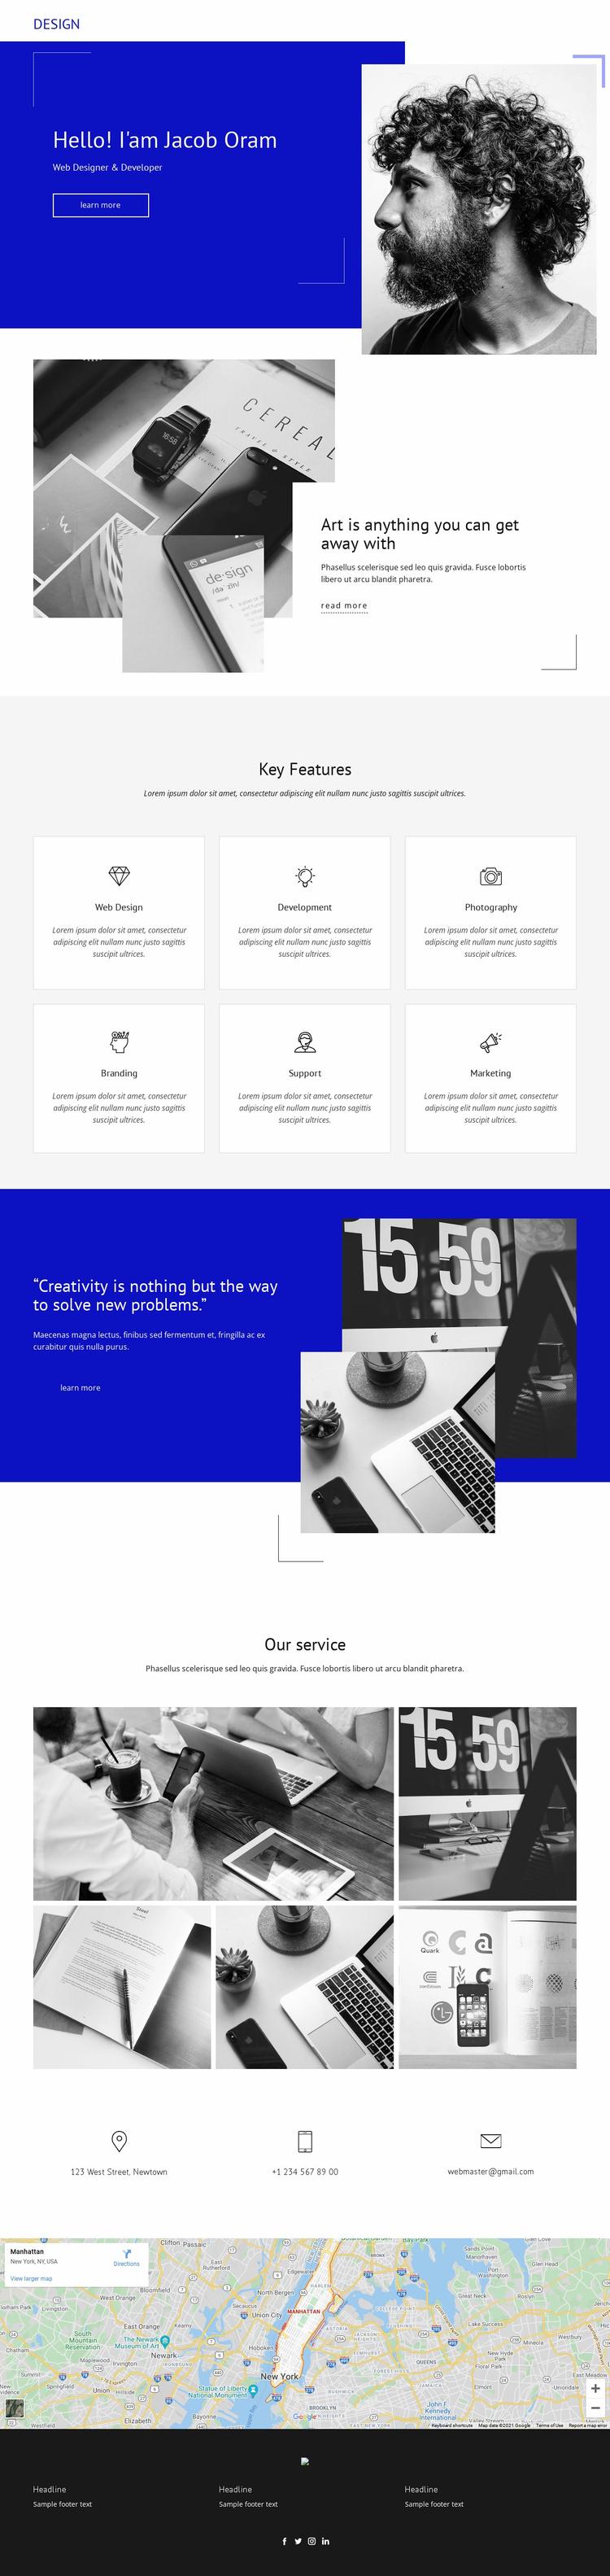 Jacob Oram Portfolio Website Template